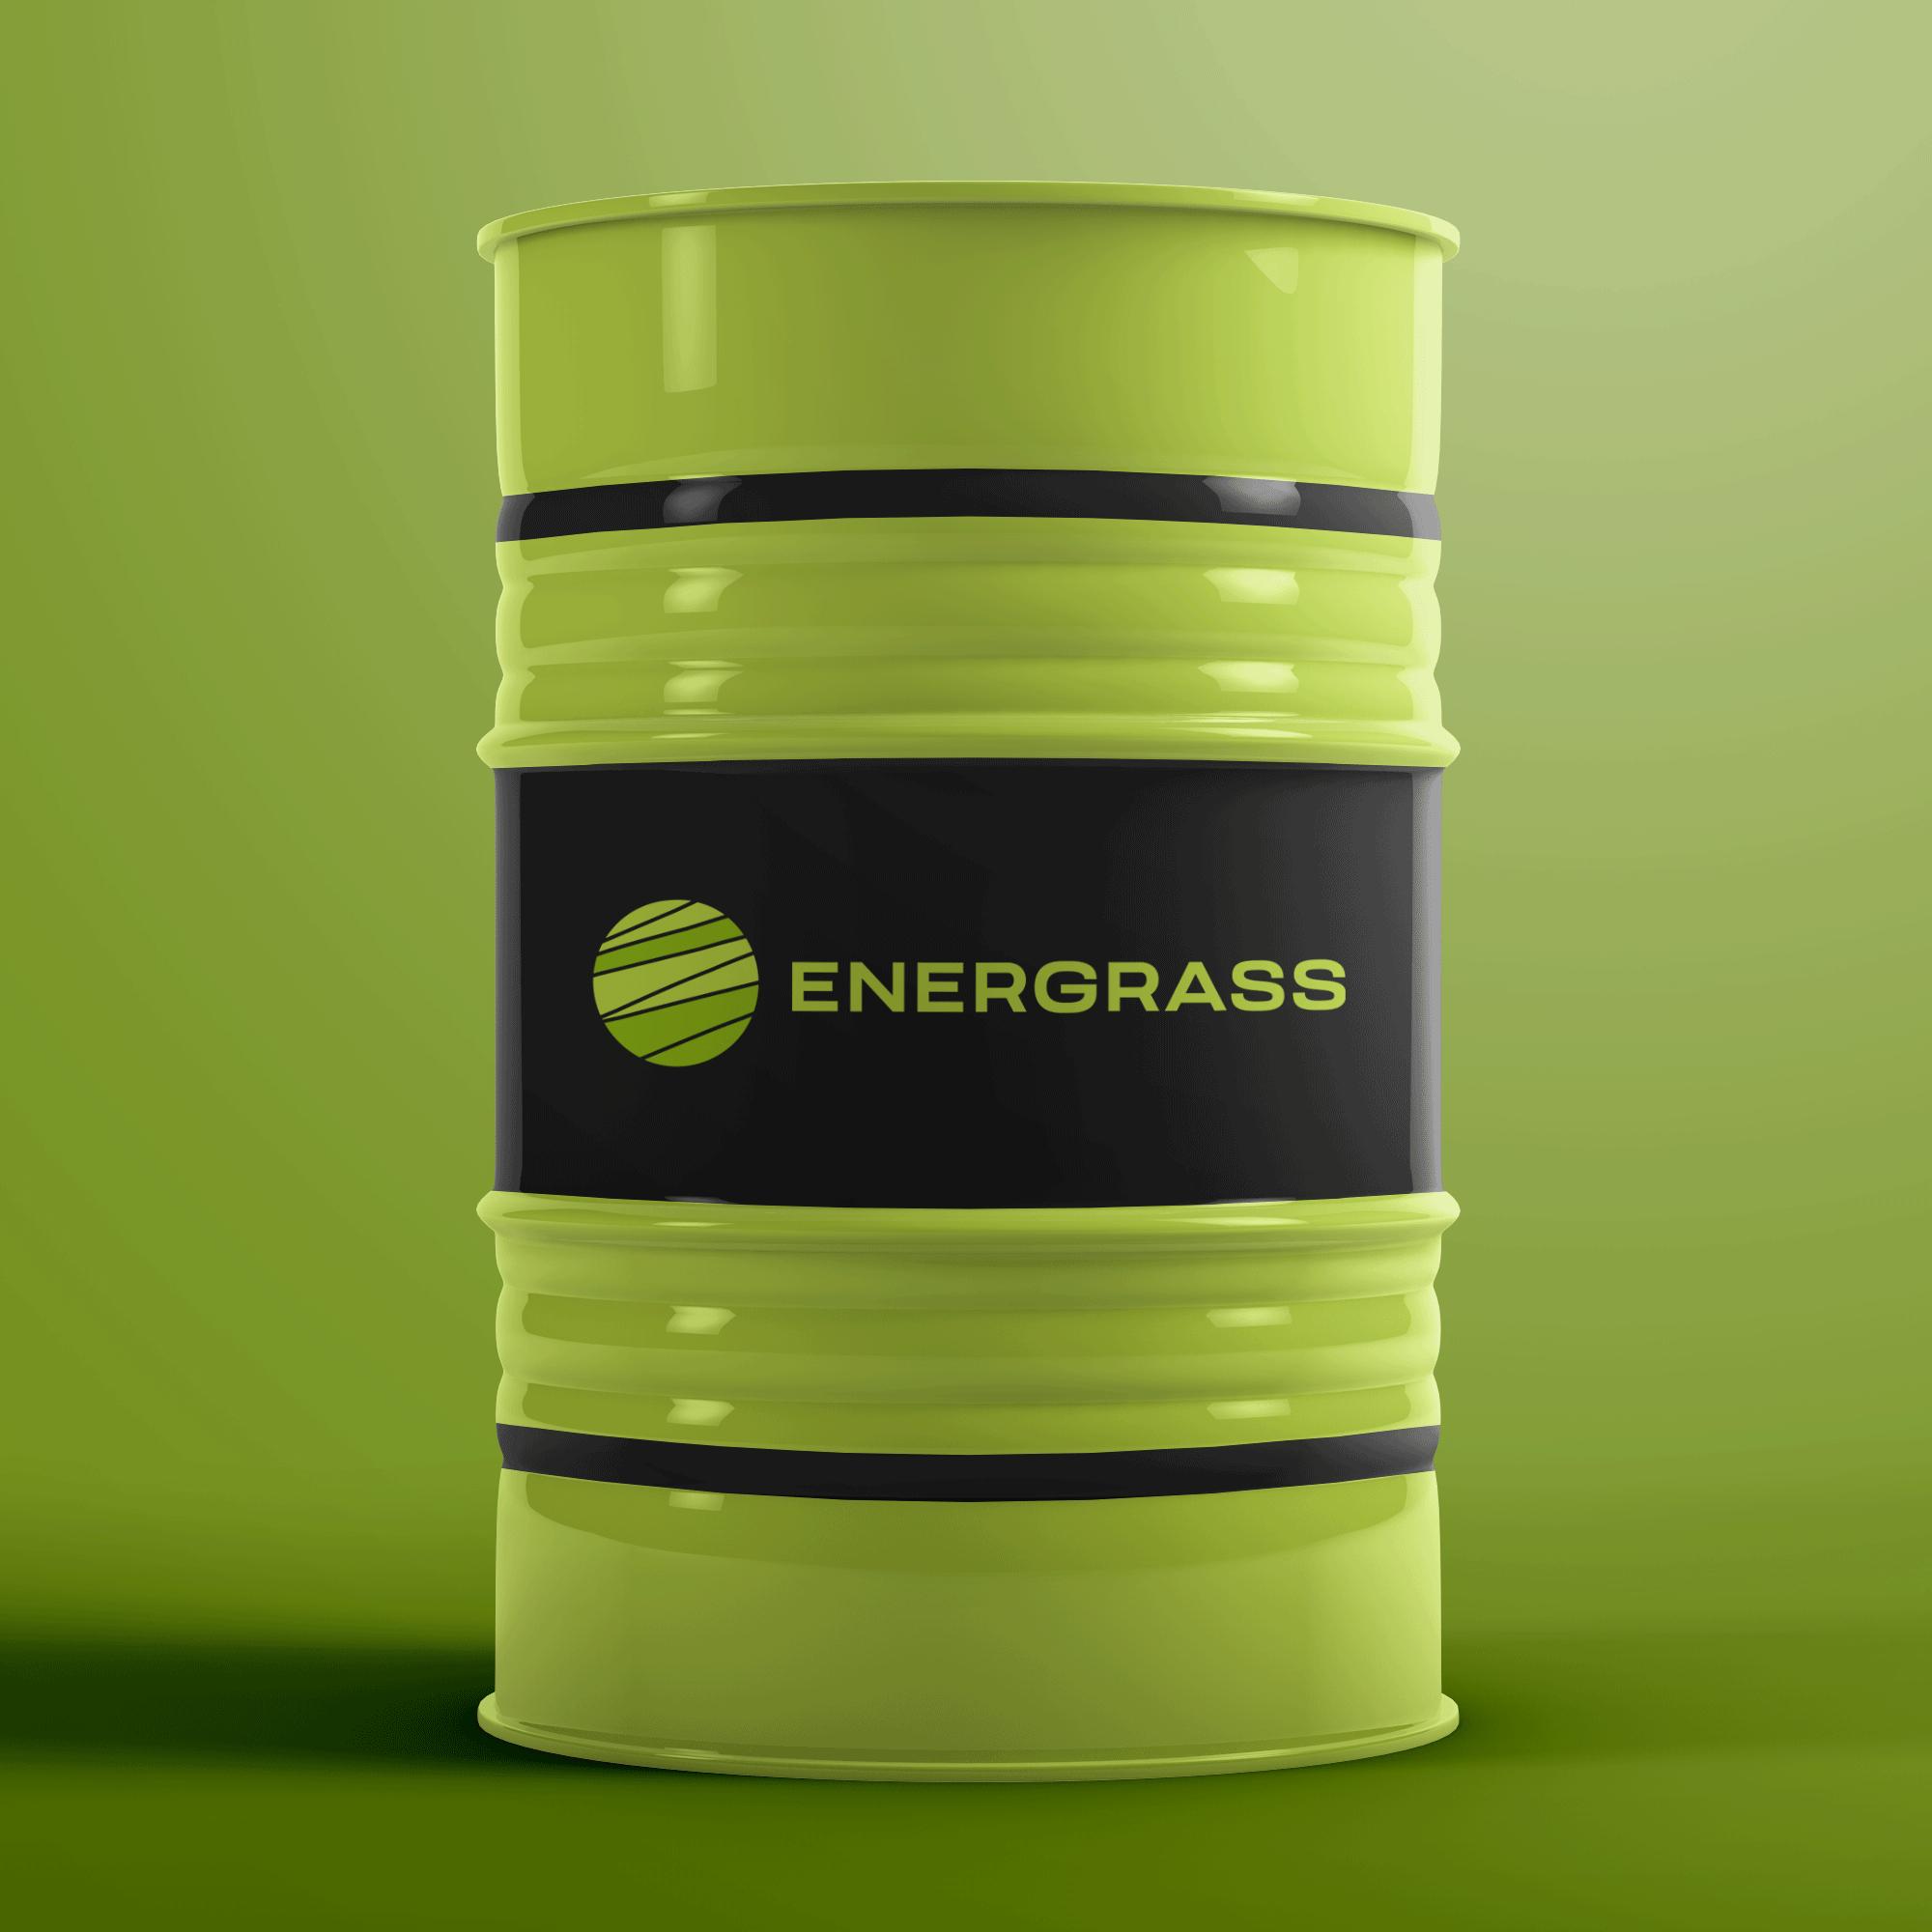 Графический дизайнер для создания логотипа Energrass. фото f_6955f858c3b7c66b.png